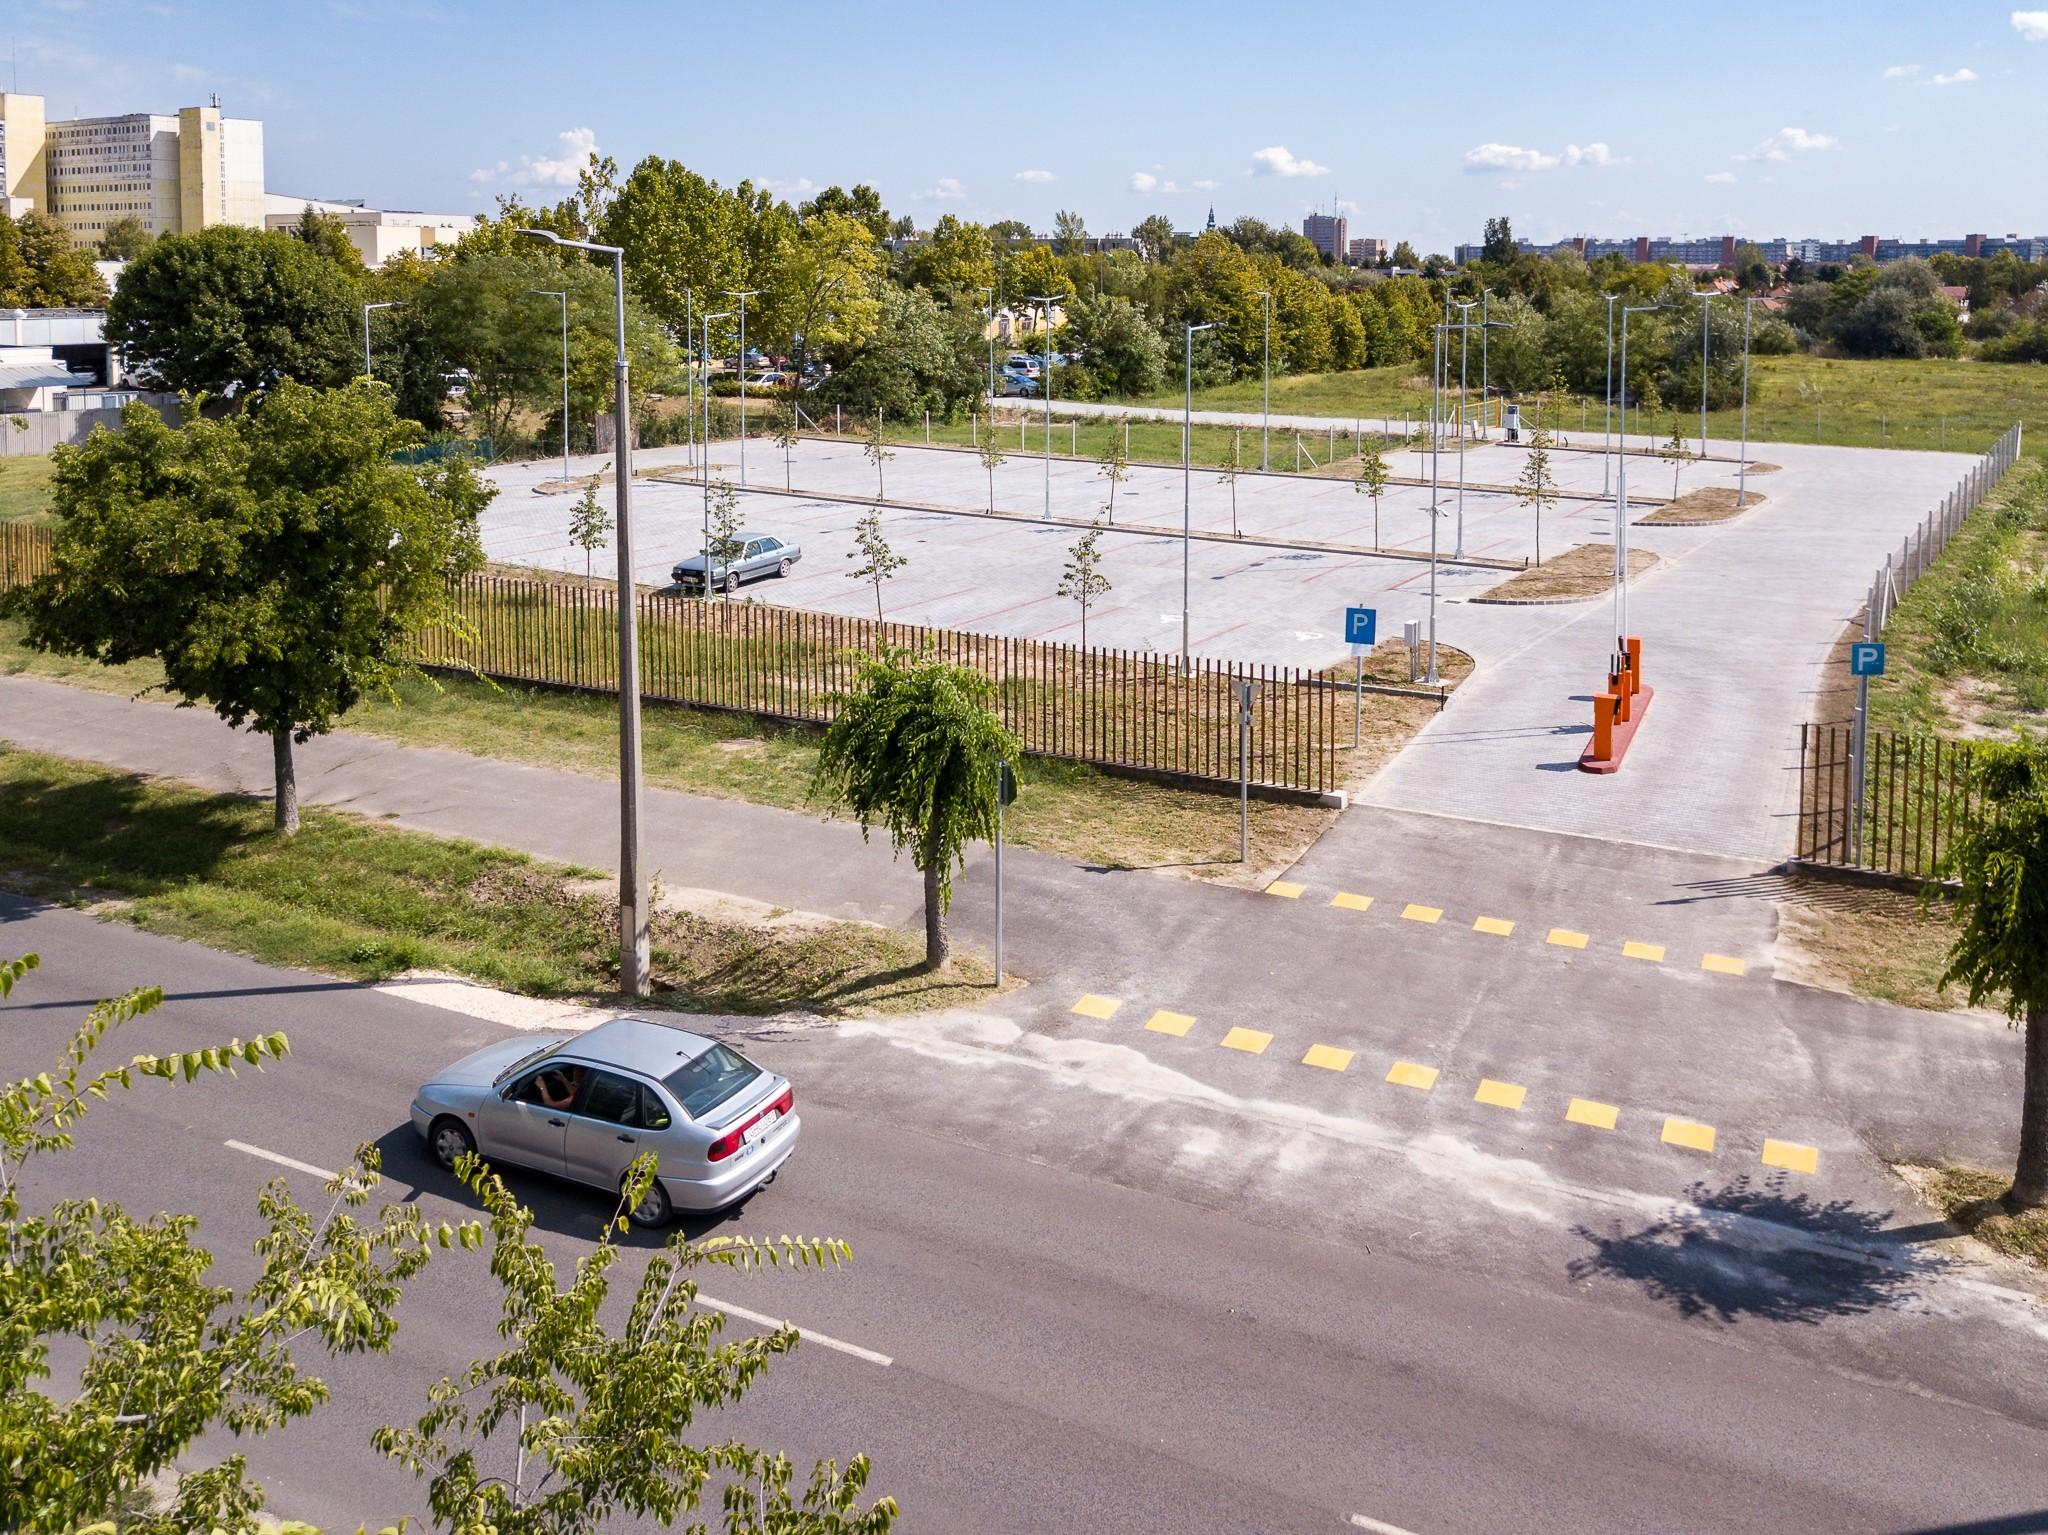 75 férőhelyes parkoló nyílt a Bács megyei kórház területén